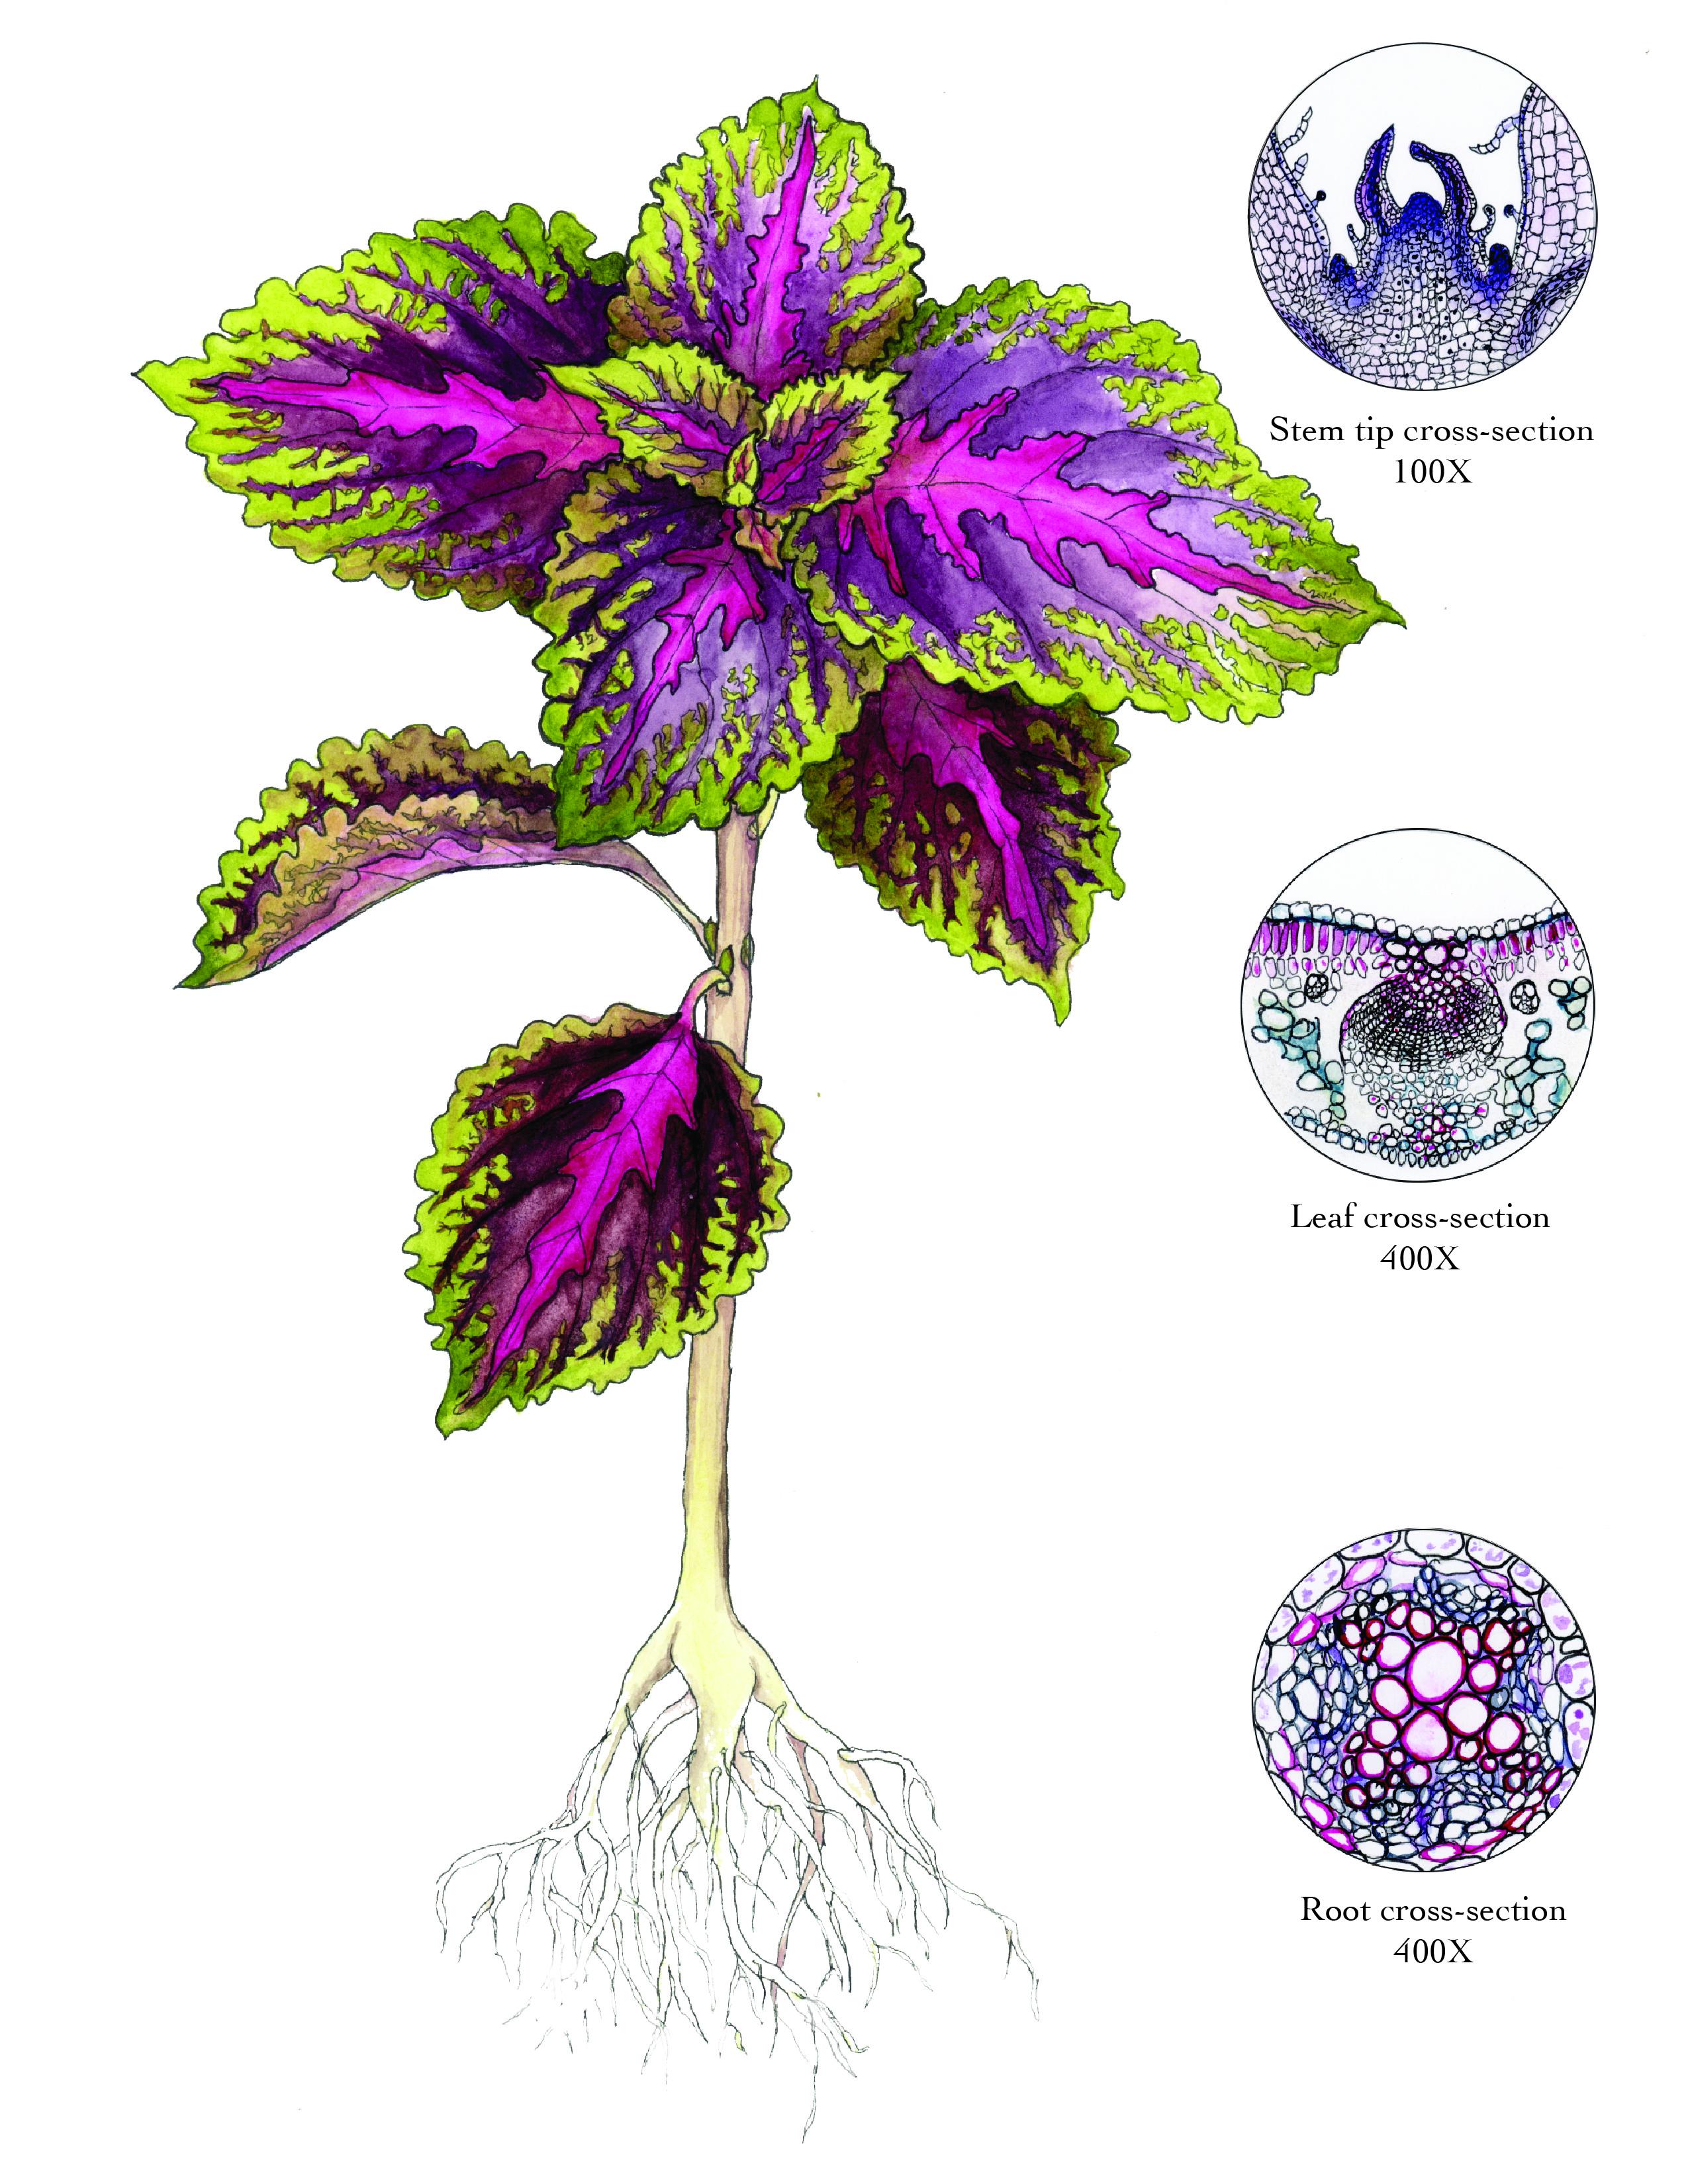 Coleus Blumei